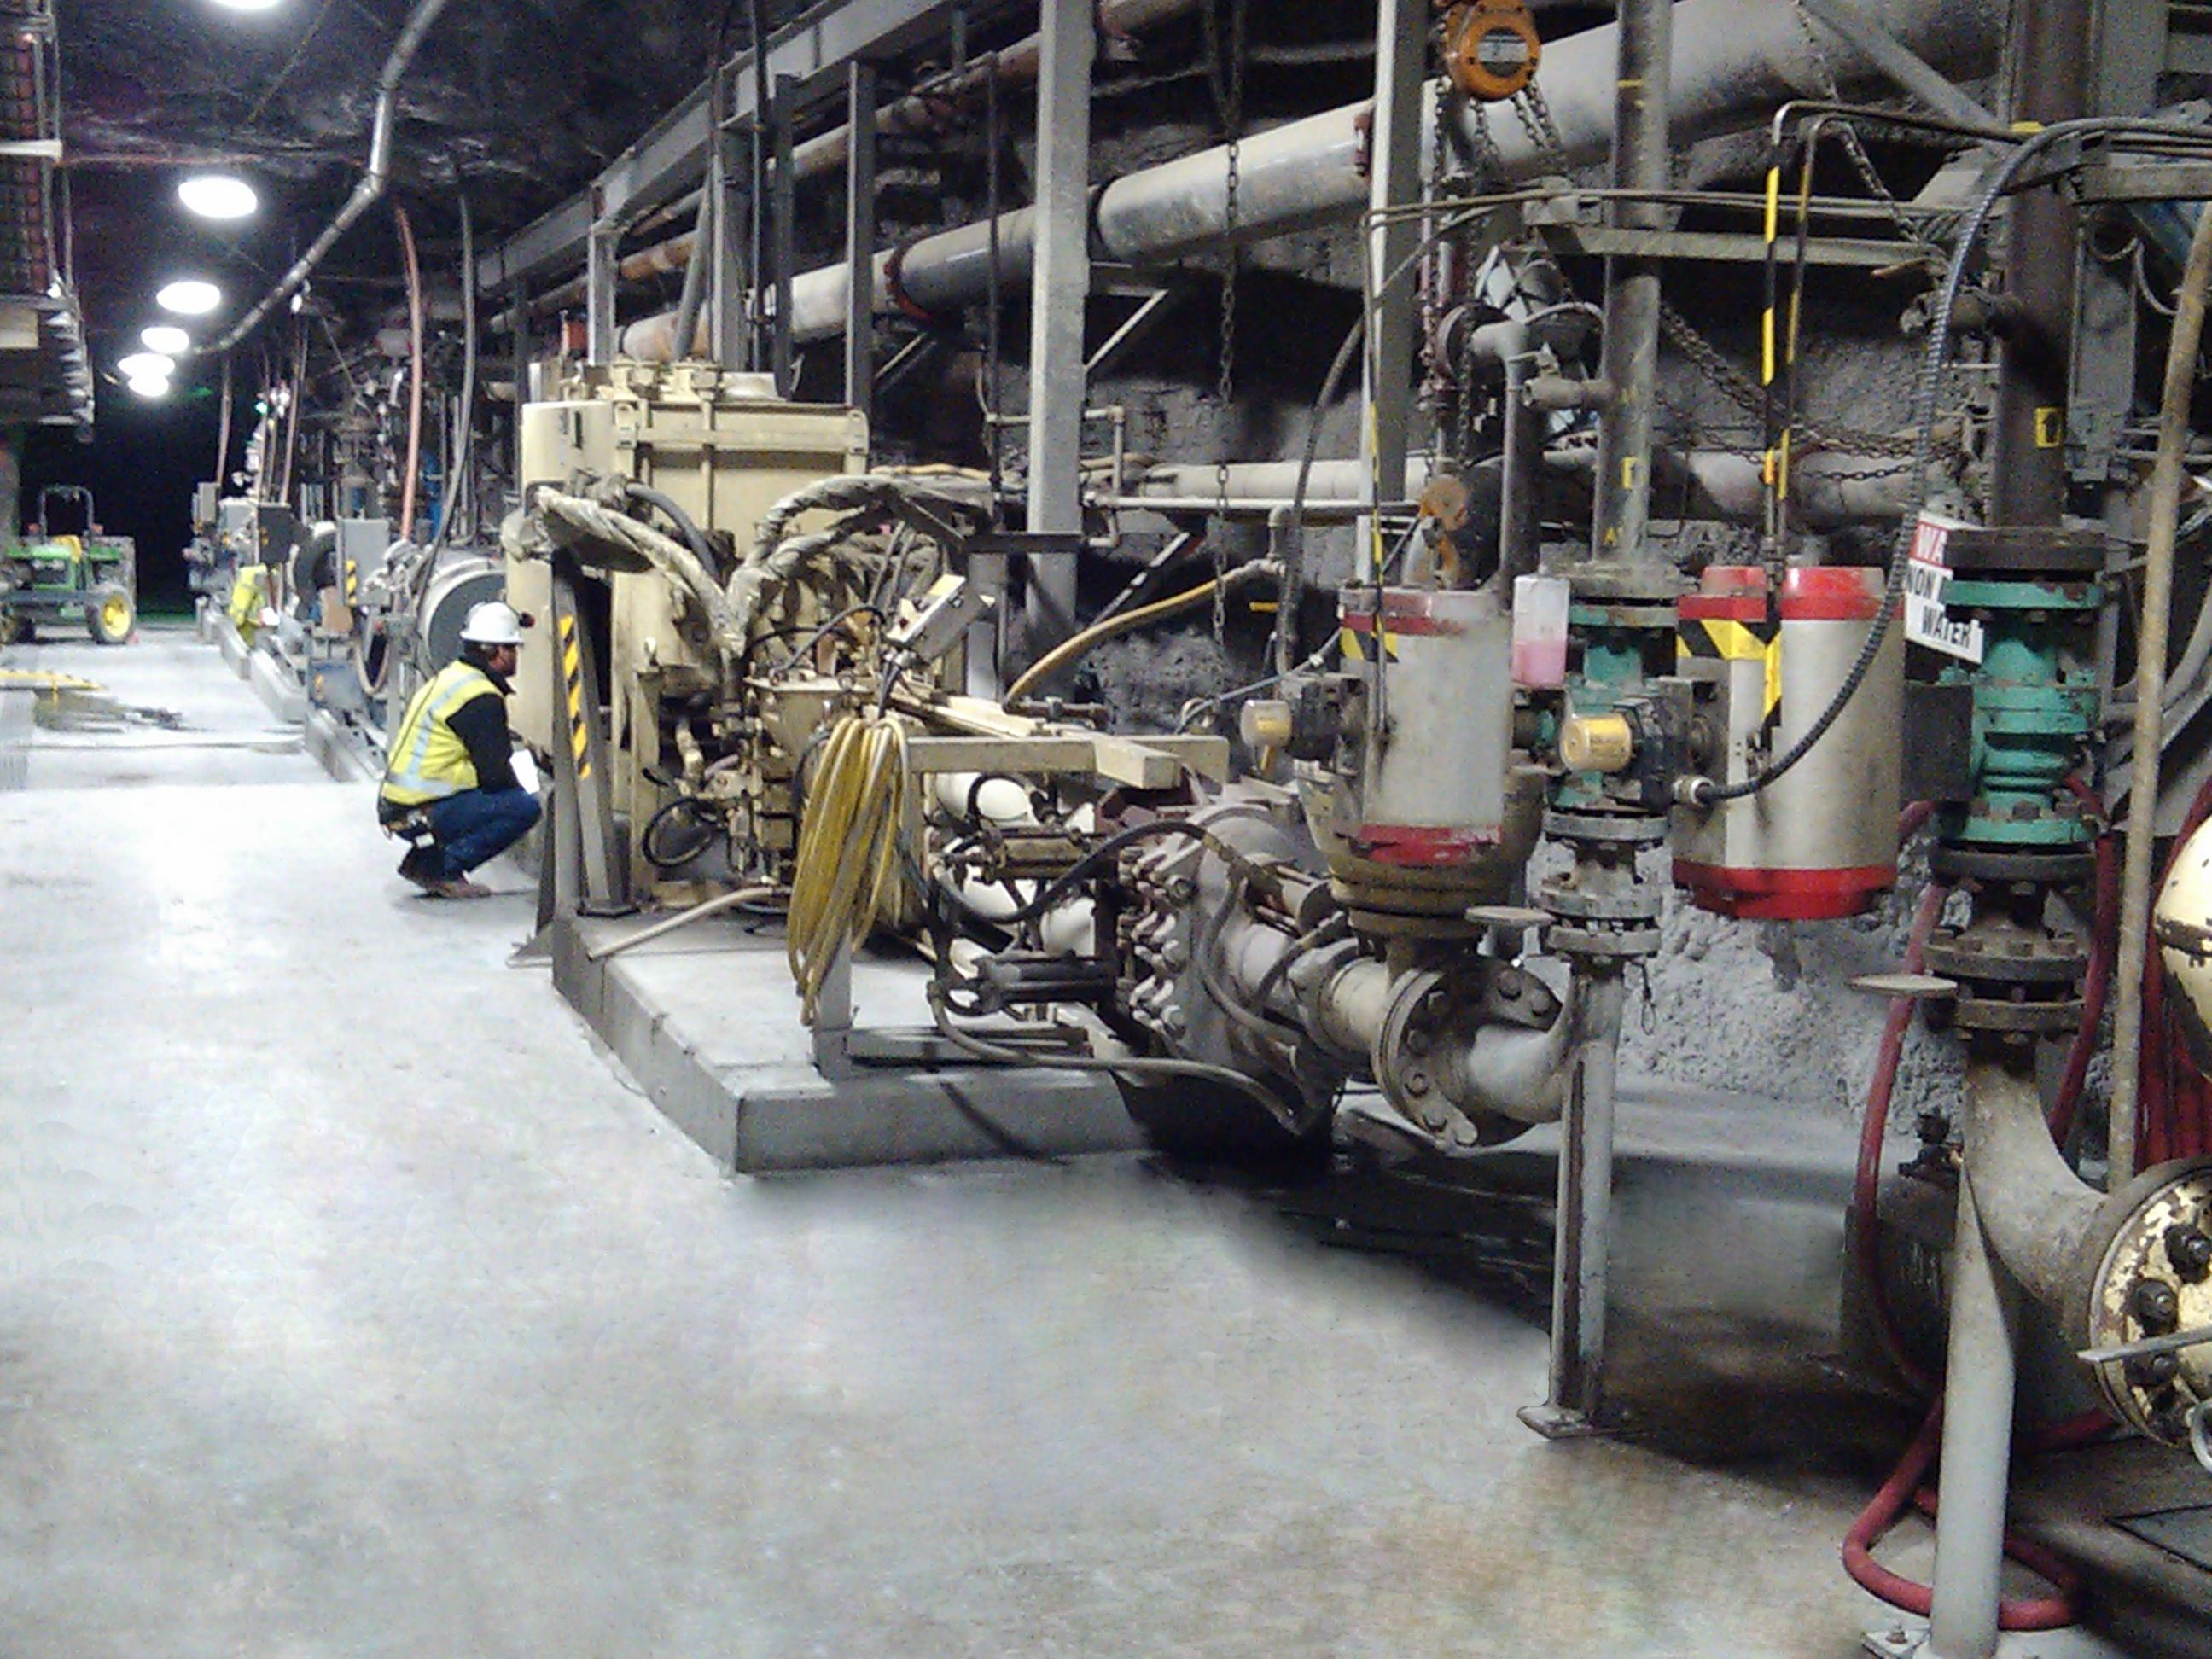 Schwing Bioset Underground Mining Pumps